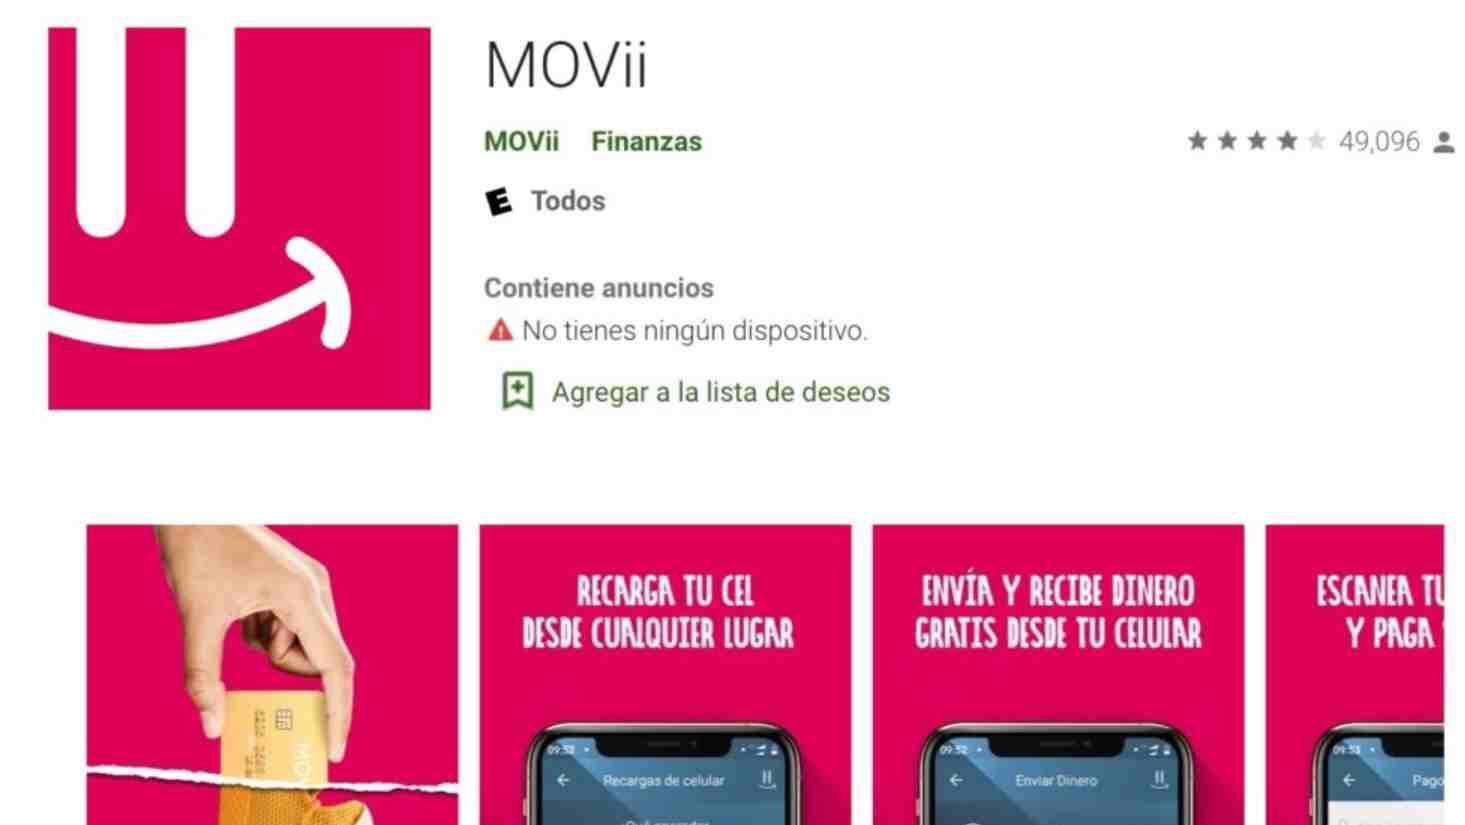 Fechas de pagos 10 y 11 del Ingreso Solidario en MOVii